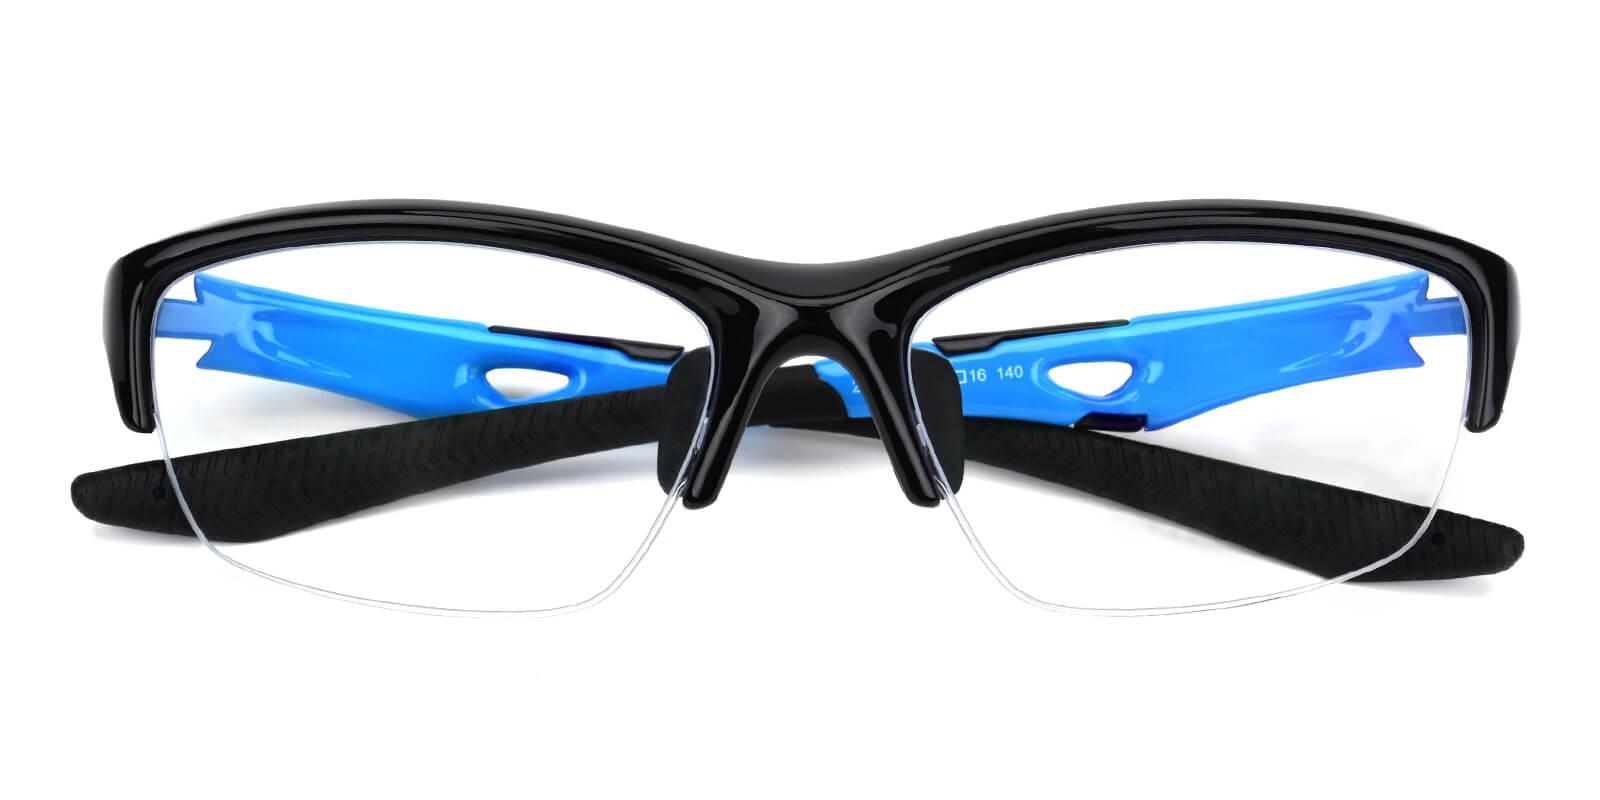 Philips-Blue-Rectangle-TR-SportsGlasses-detail